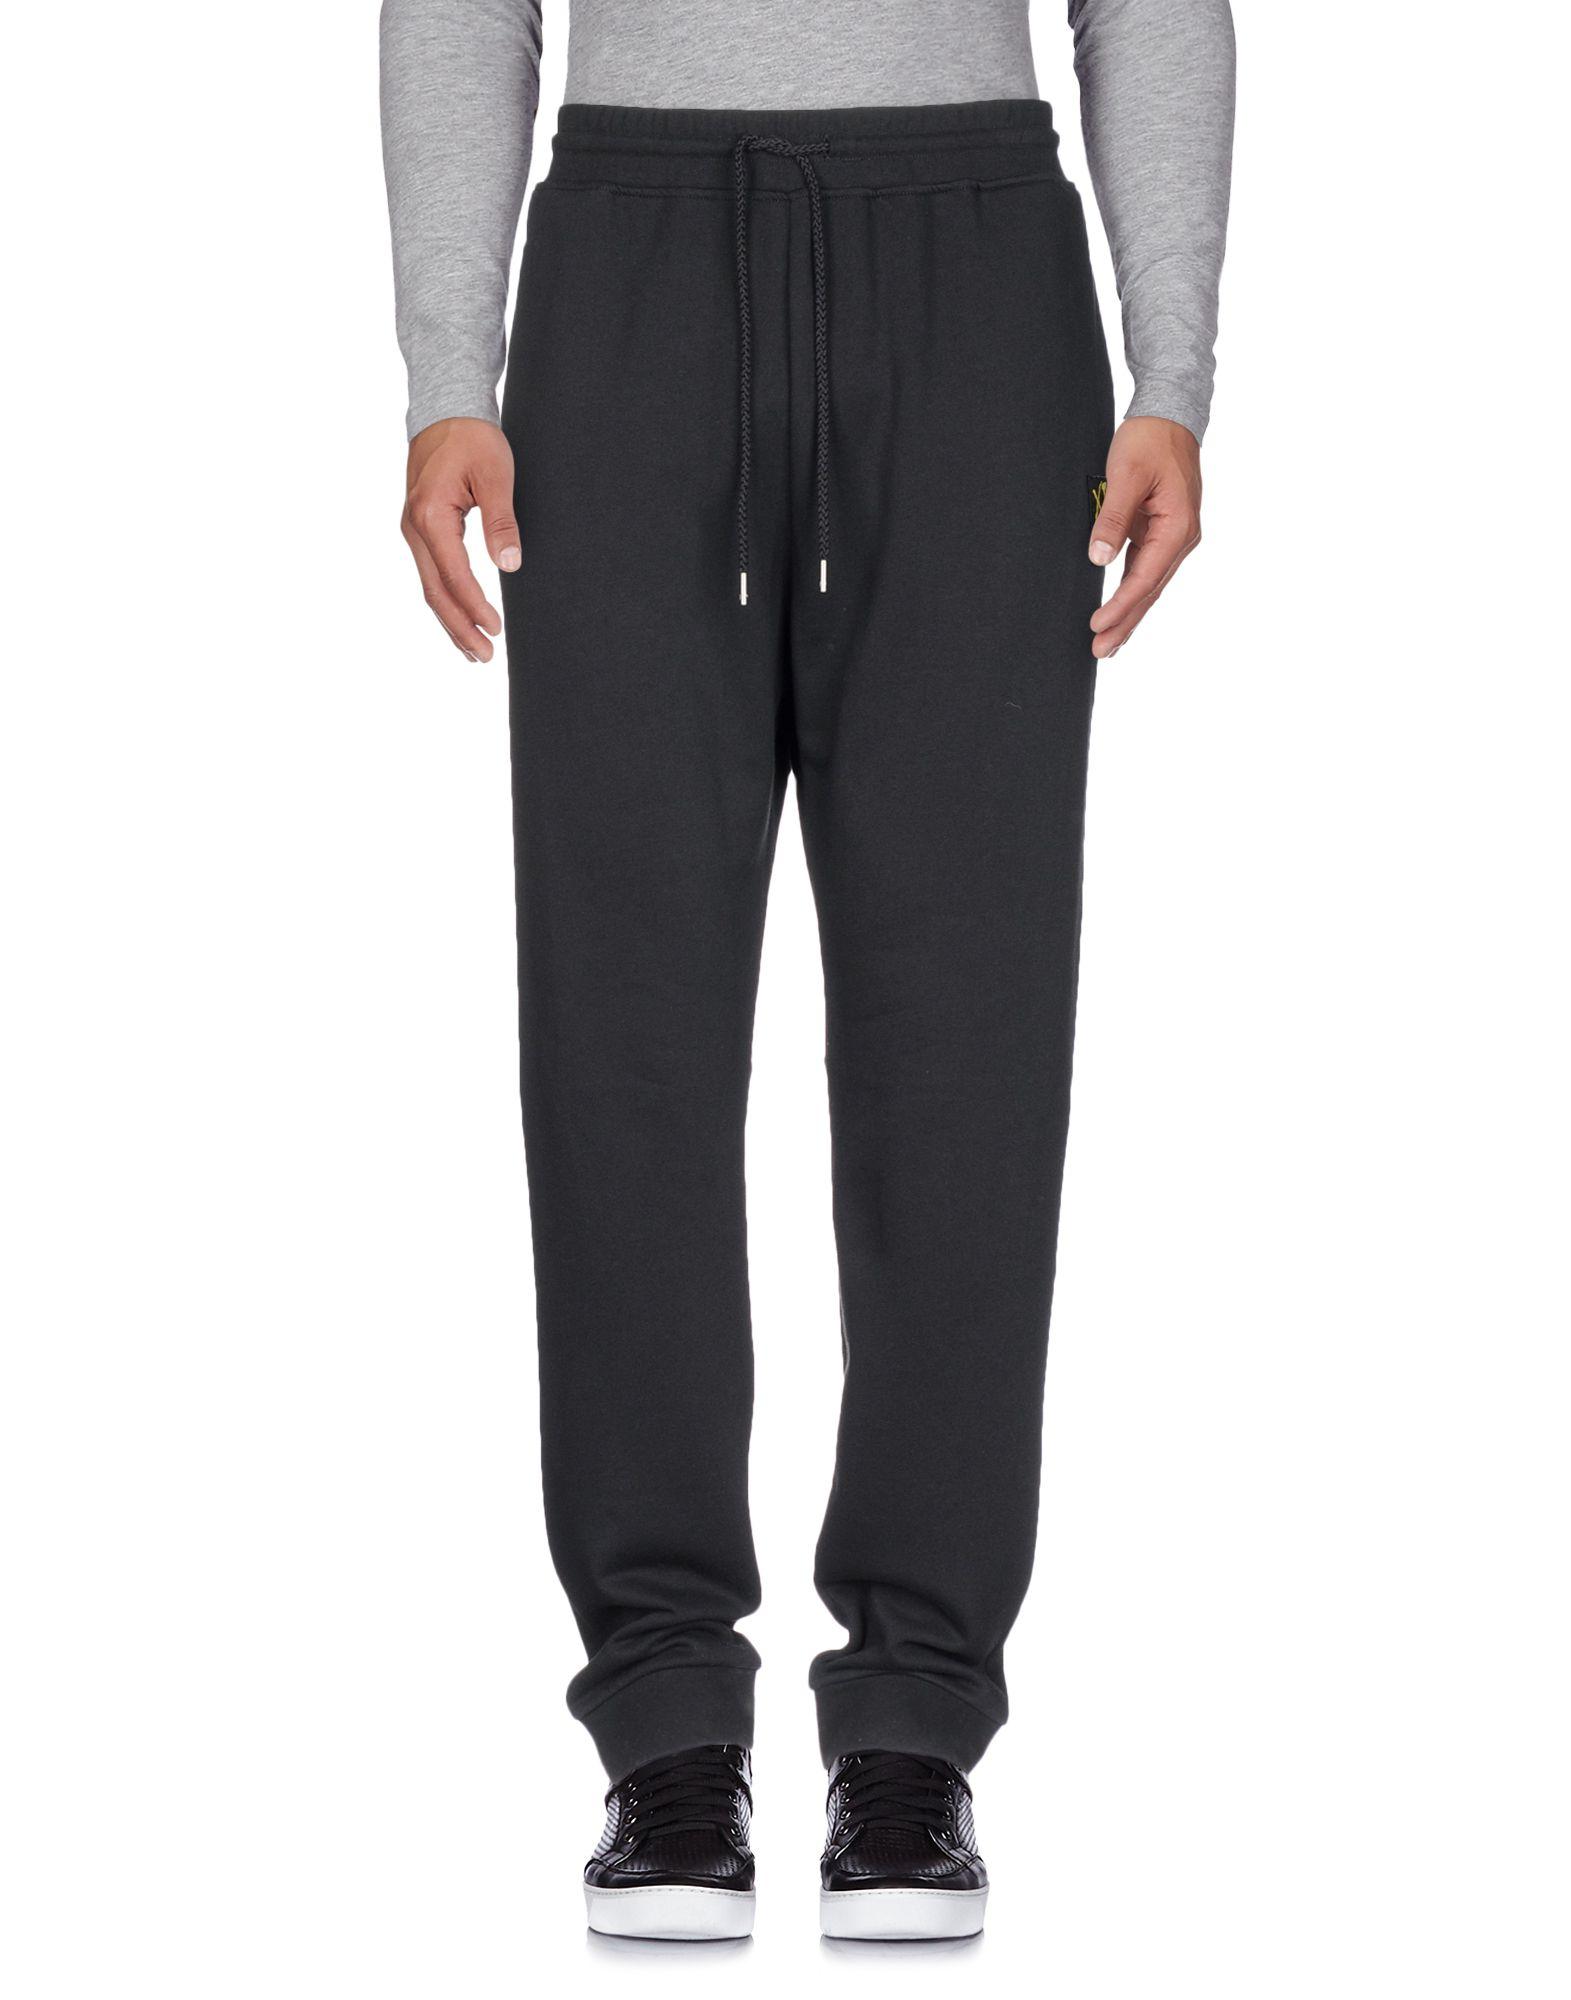 PUMA x XO Повседневные брюки adidas x yeezy повседневные брюки